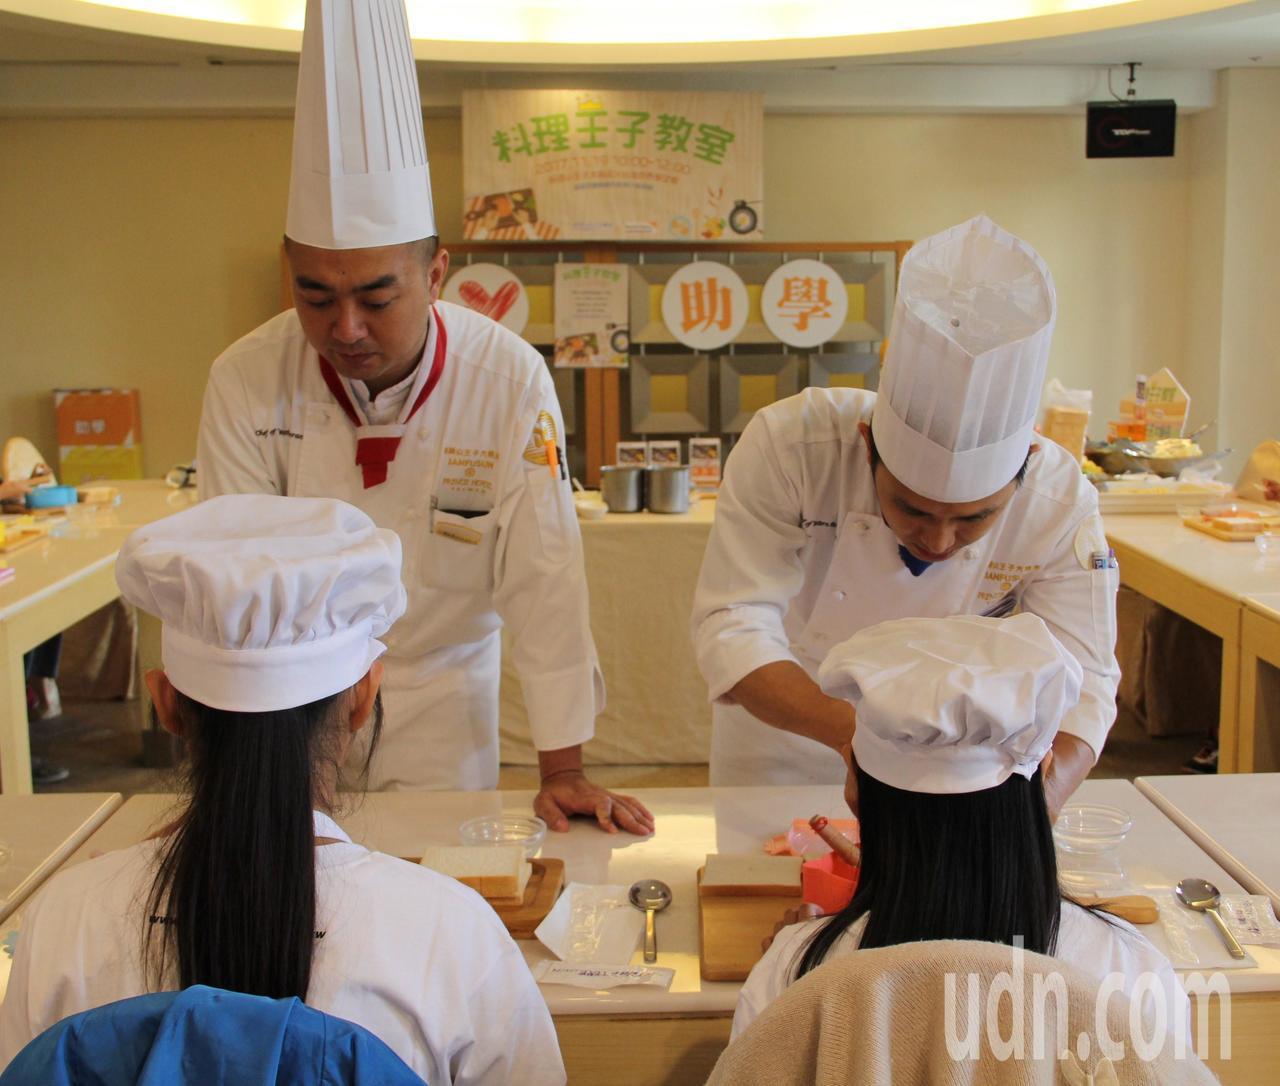 劍湖山王子大飯店主廚劉文富教導兒童製作三明治,世展會小廚師也認真學習,學會做出自...